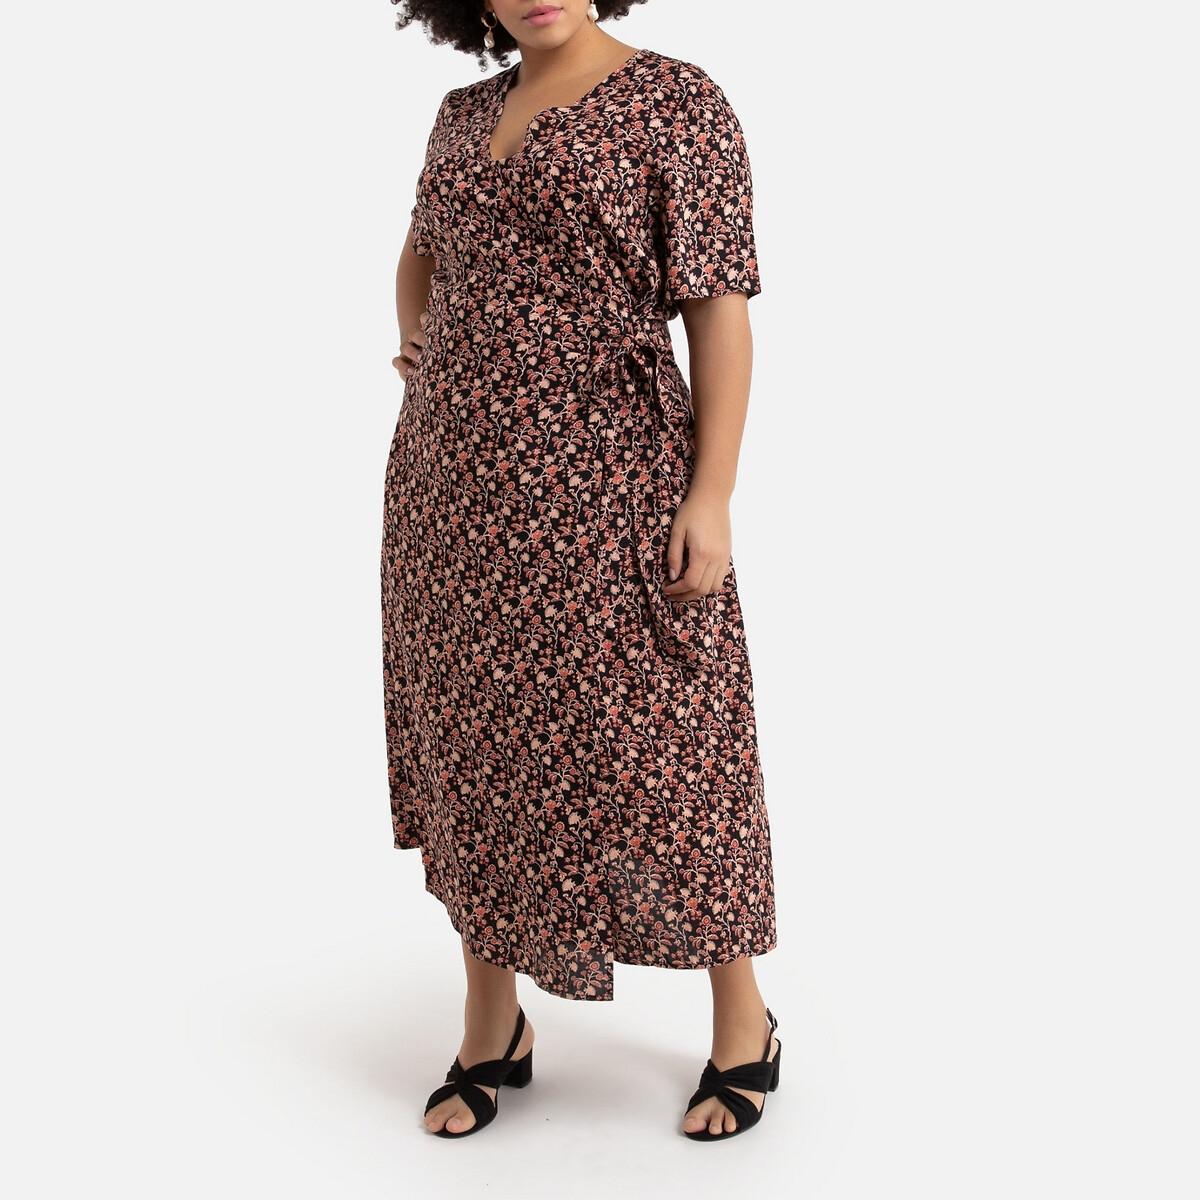 Платье La Redoute Длинное с запахом с цветочным рисунком 48 (FR) - 54 (RUS) разноцветный платье длинное с запахом с рисунком coming